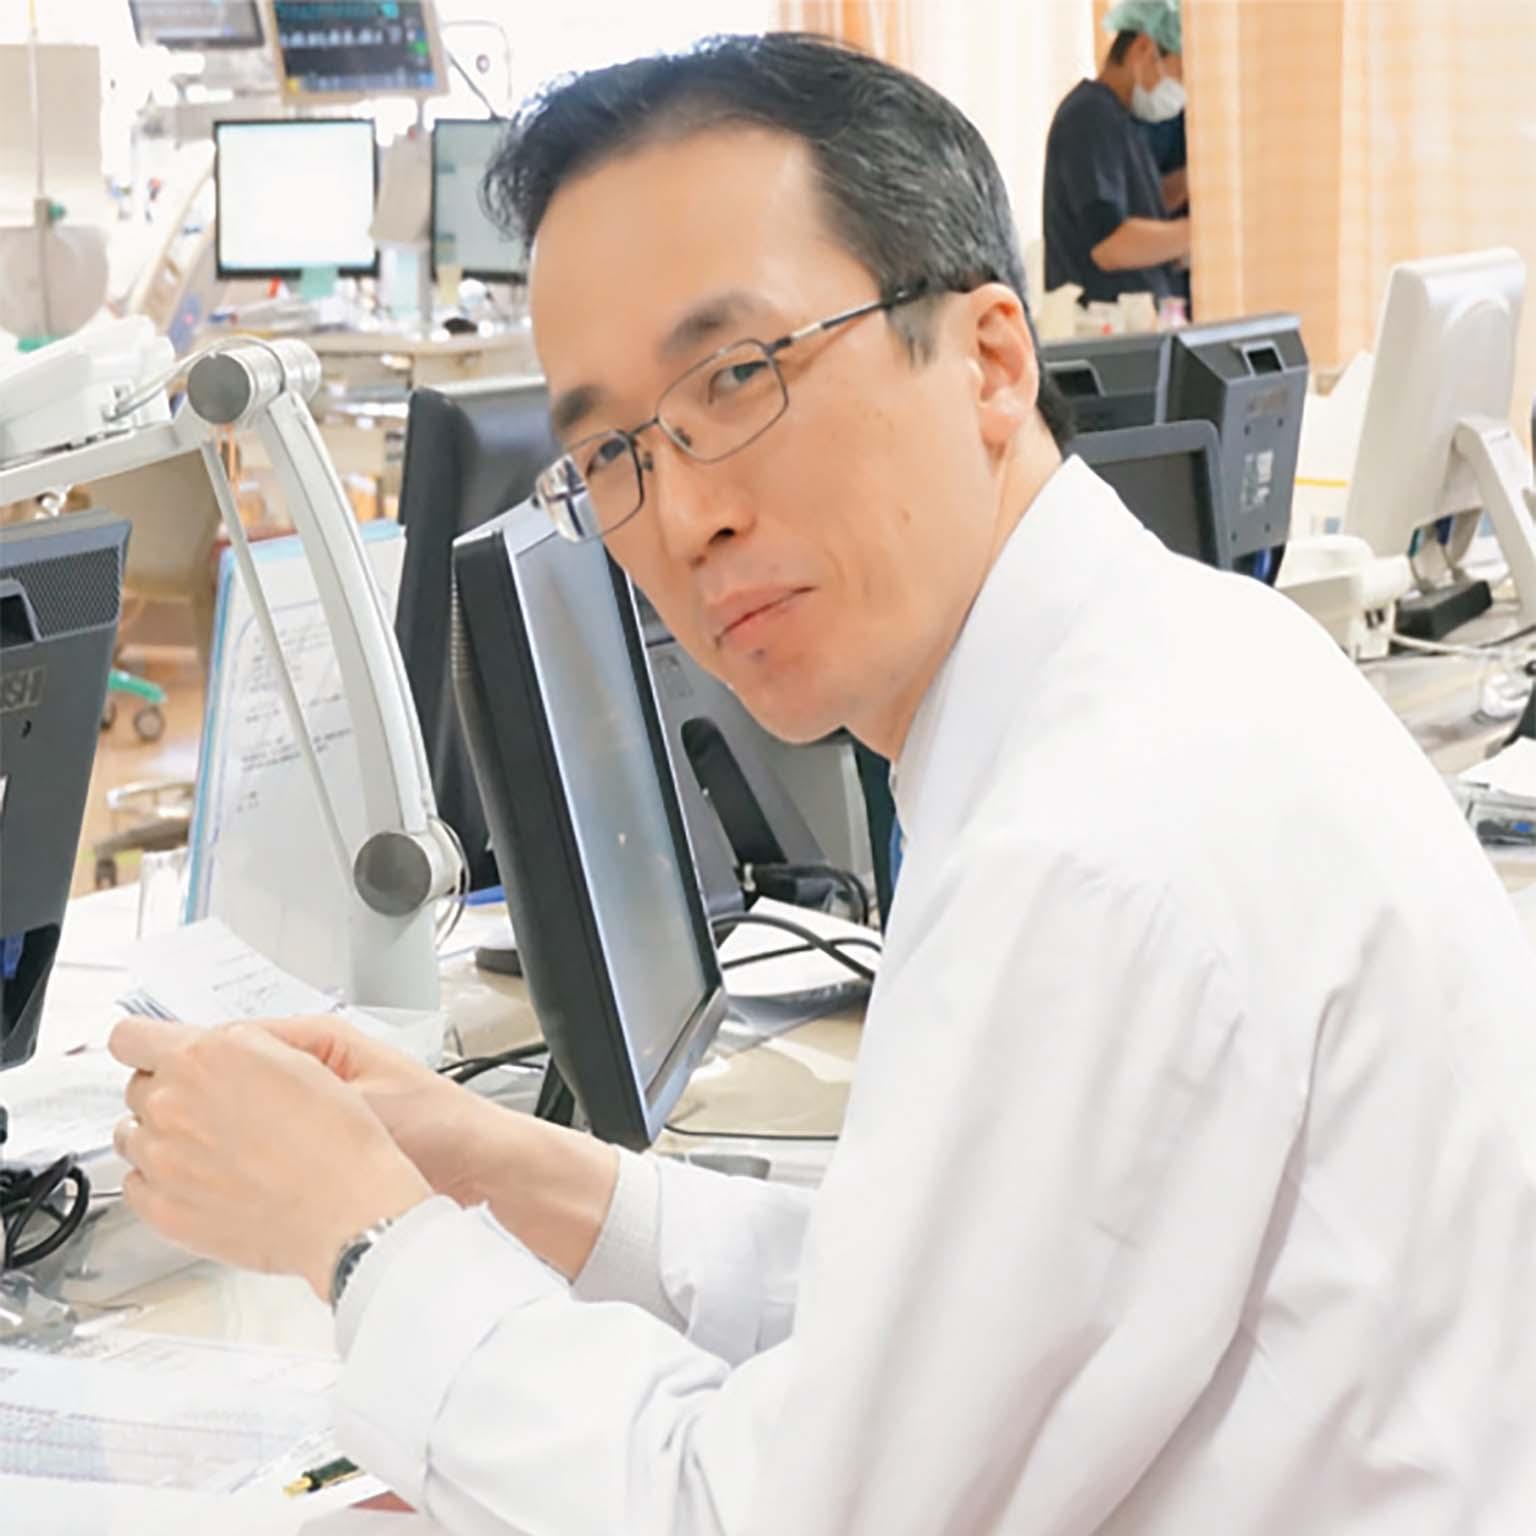 Dr. Toshio Fukuoka